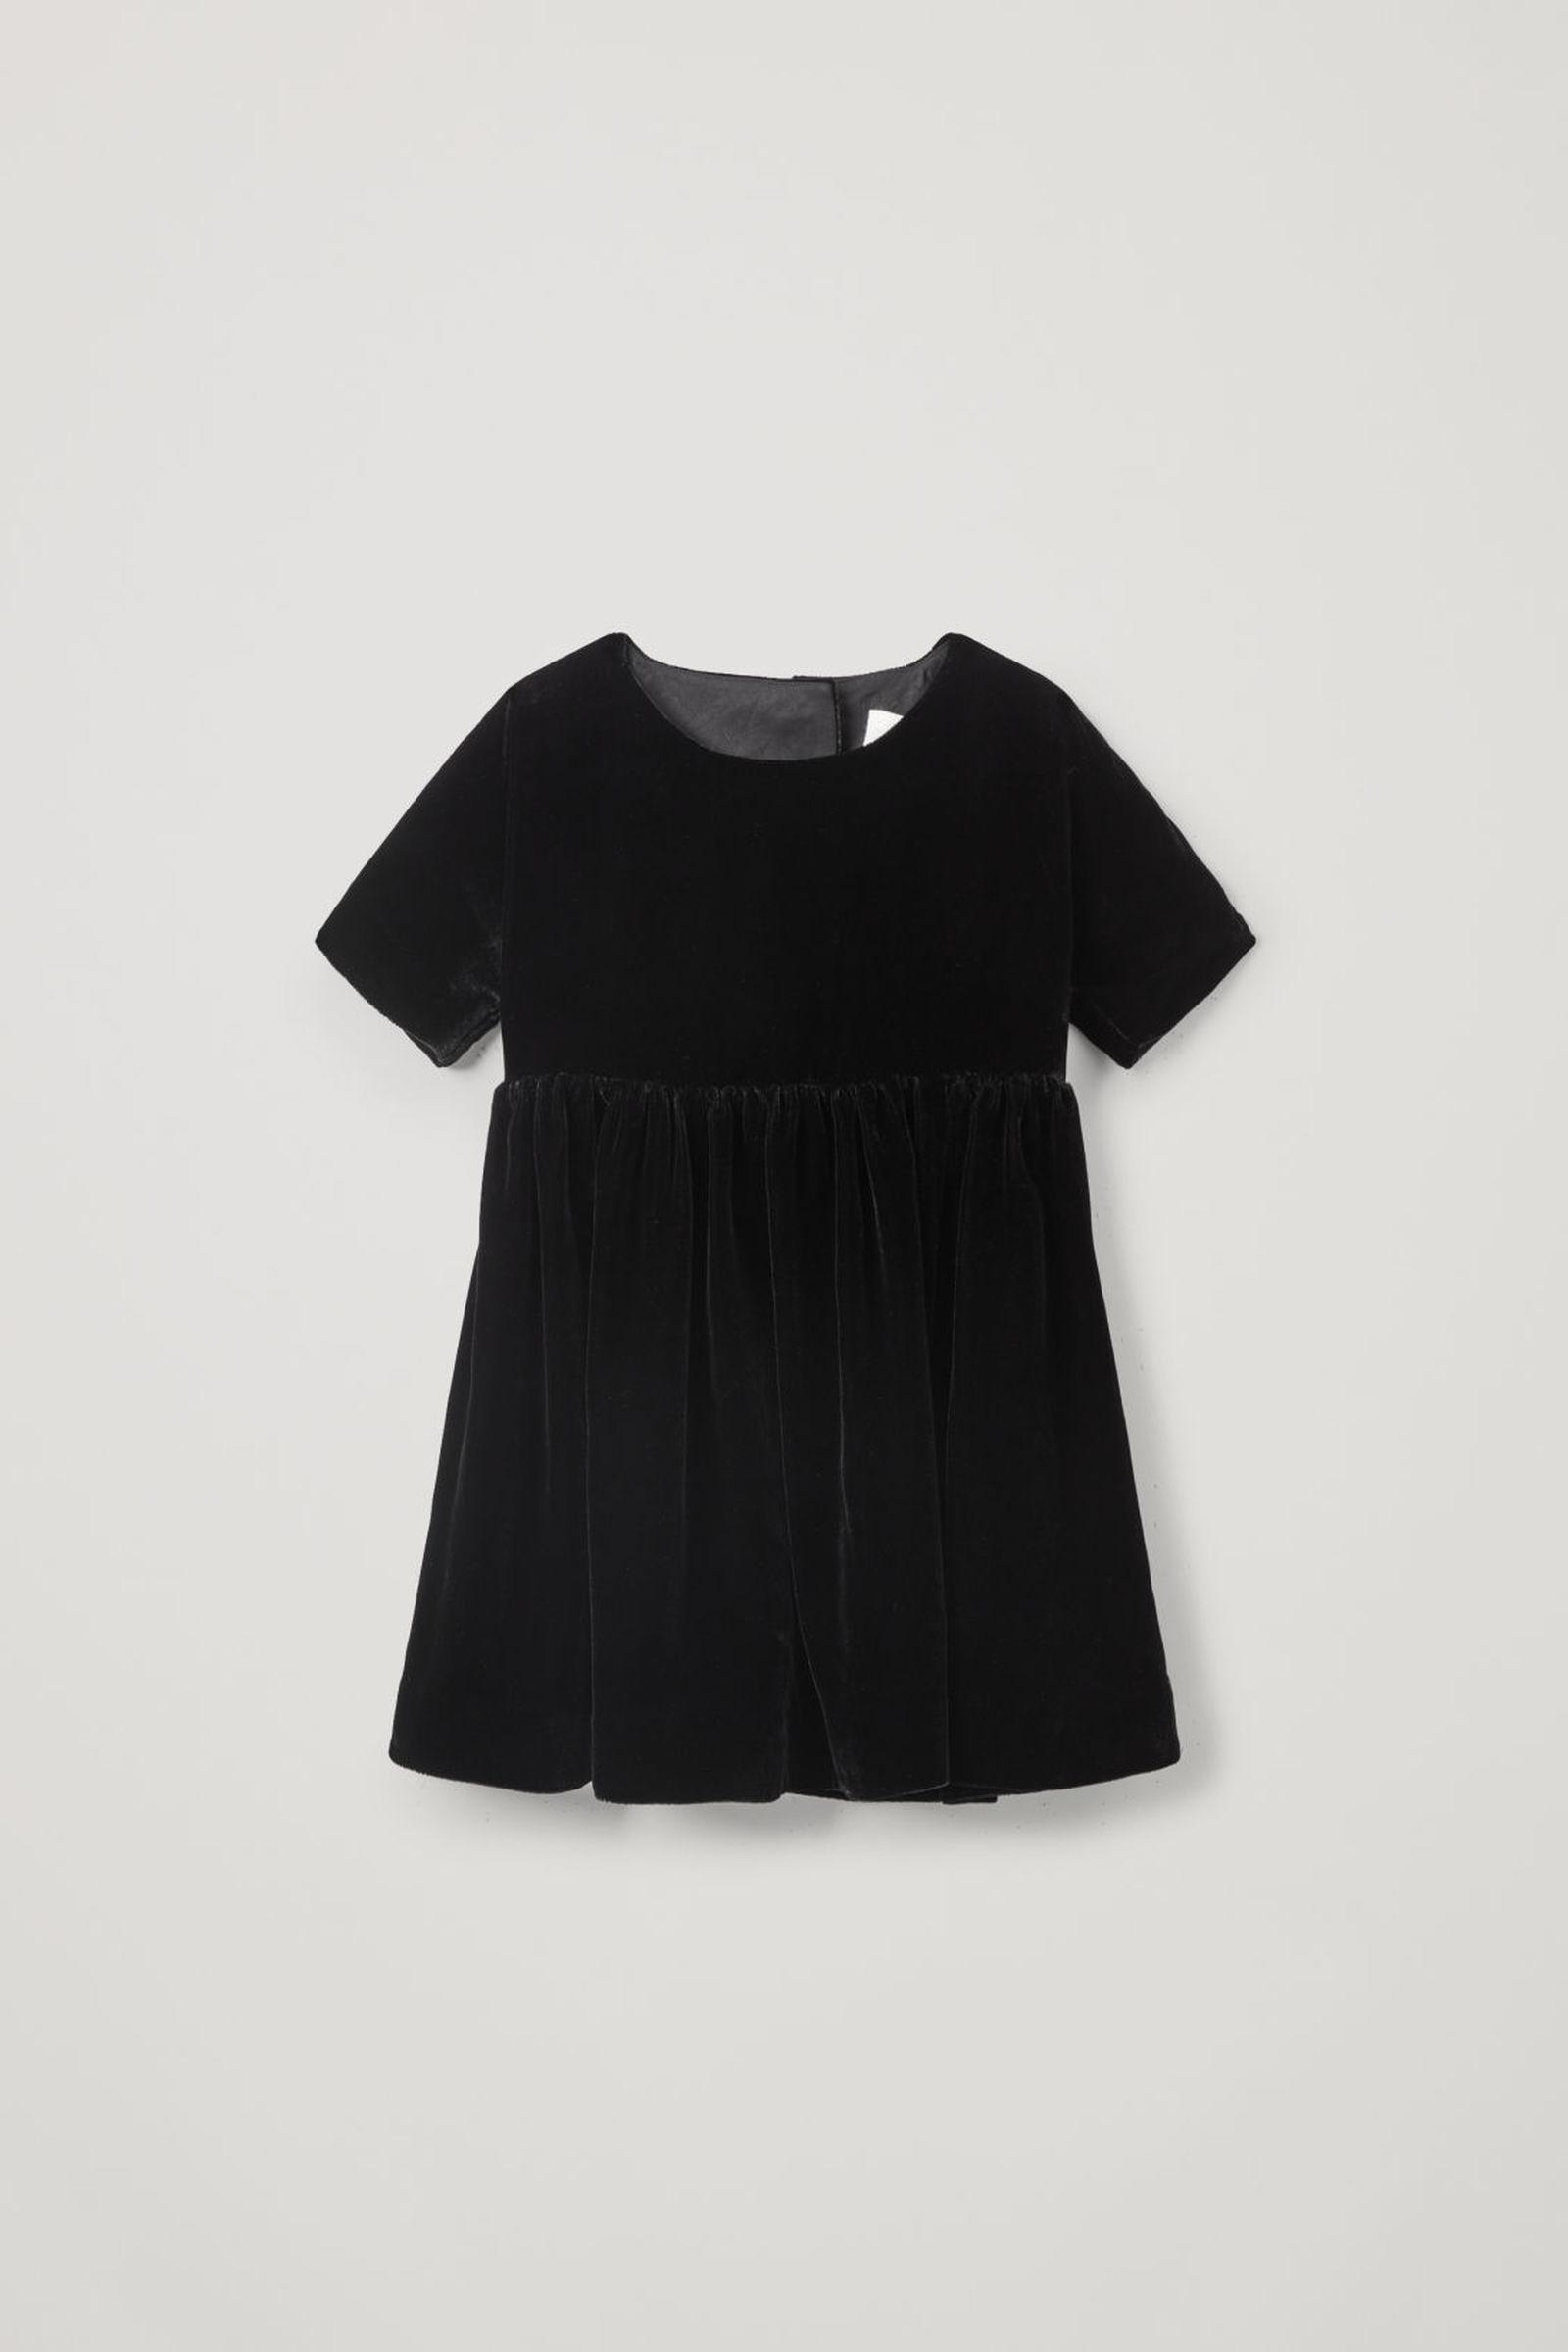 COS 멀버리 실크 믹스 벨벳 드레스의 블랙컬러 상품컷입니다.